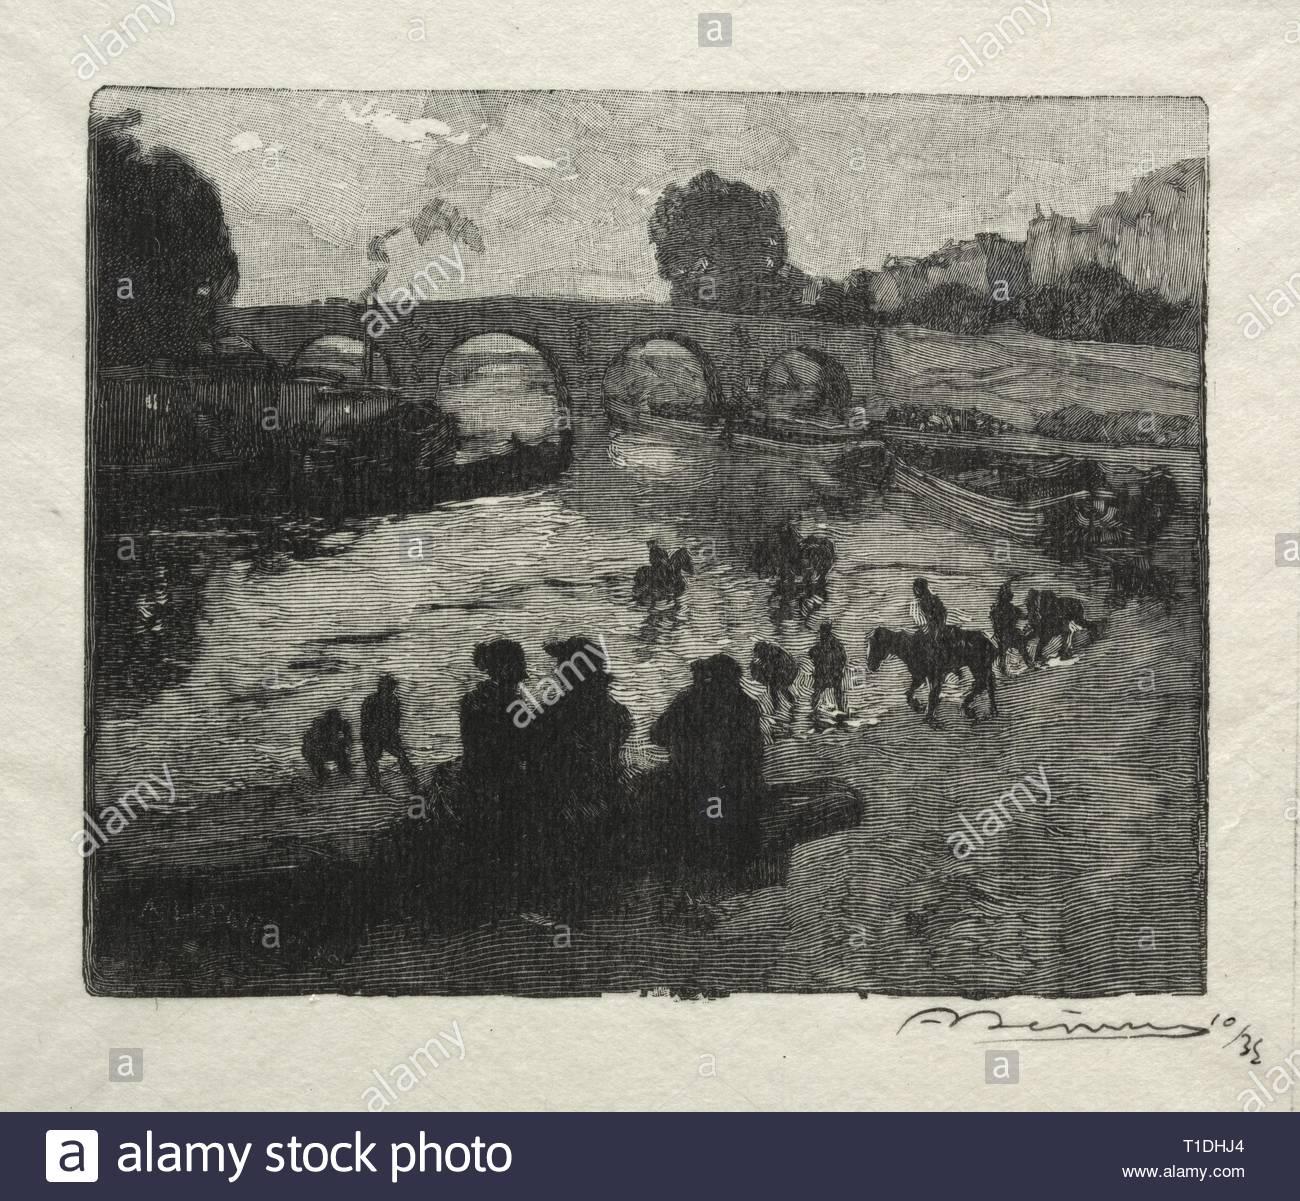 L'Abreuvoir du Pont Marie. Auguste Louis Lepère (French, 1849-1918). Wood engraving. - Stock Image